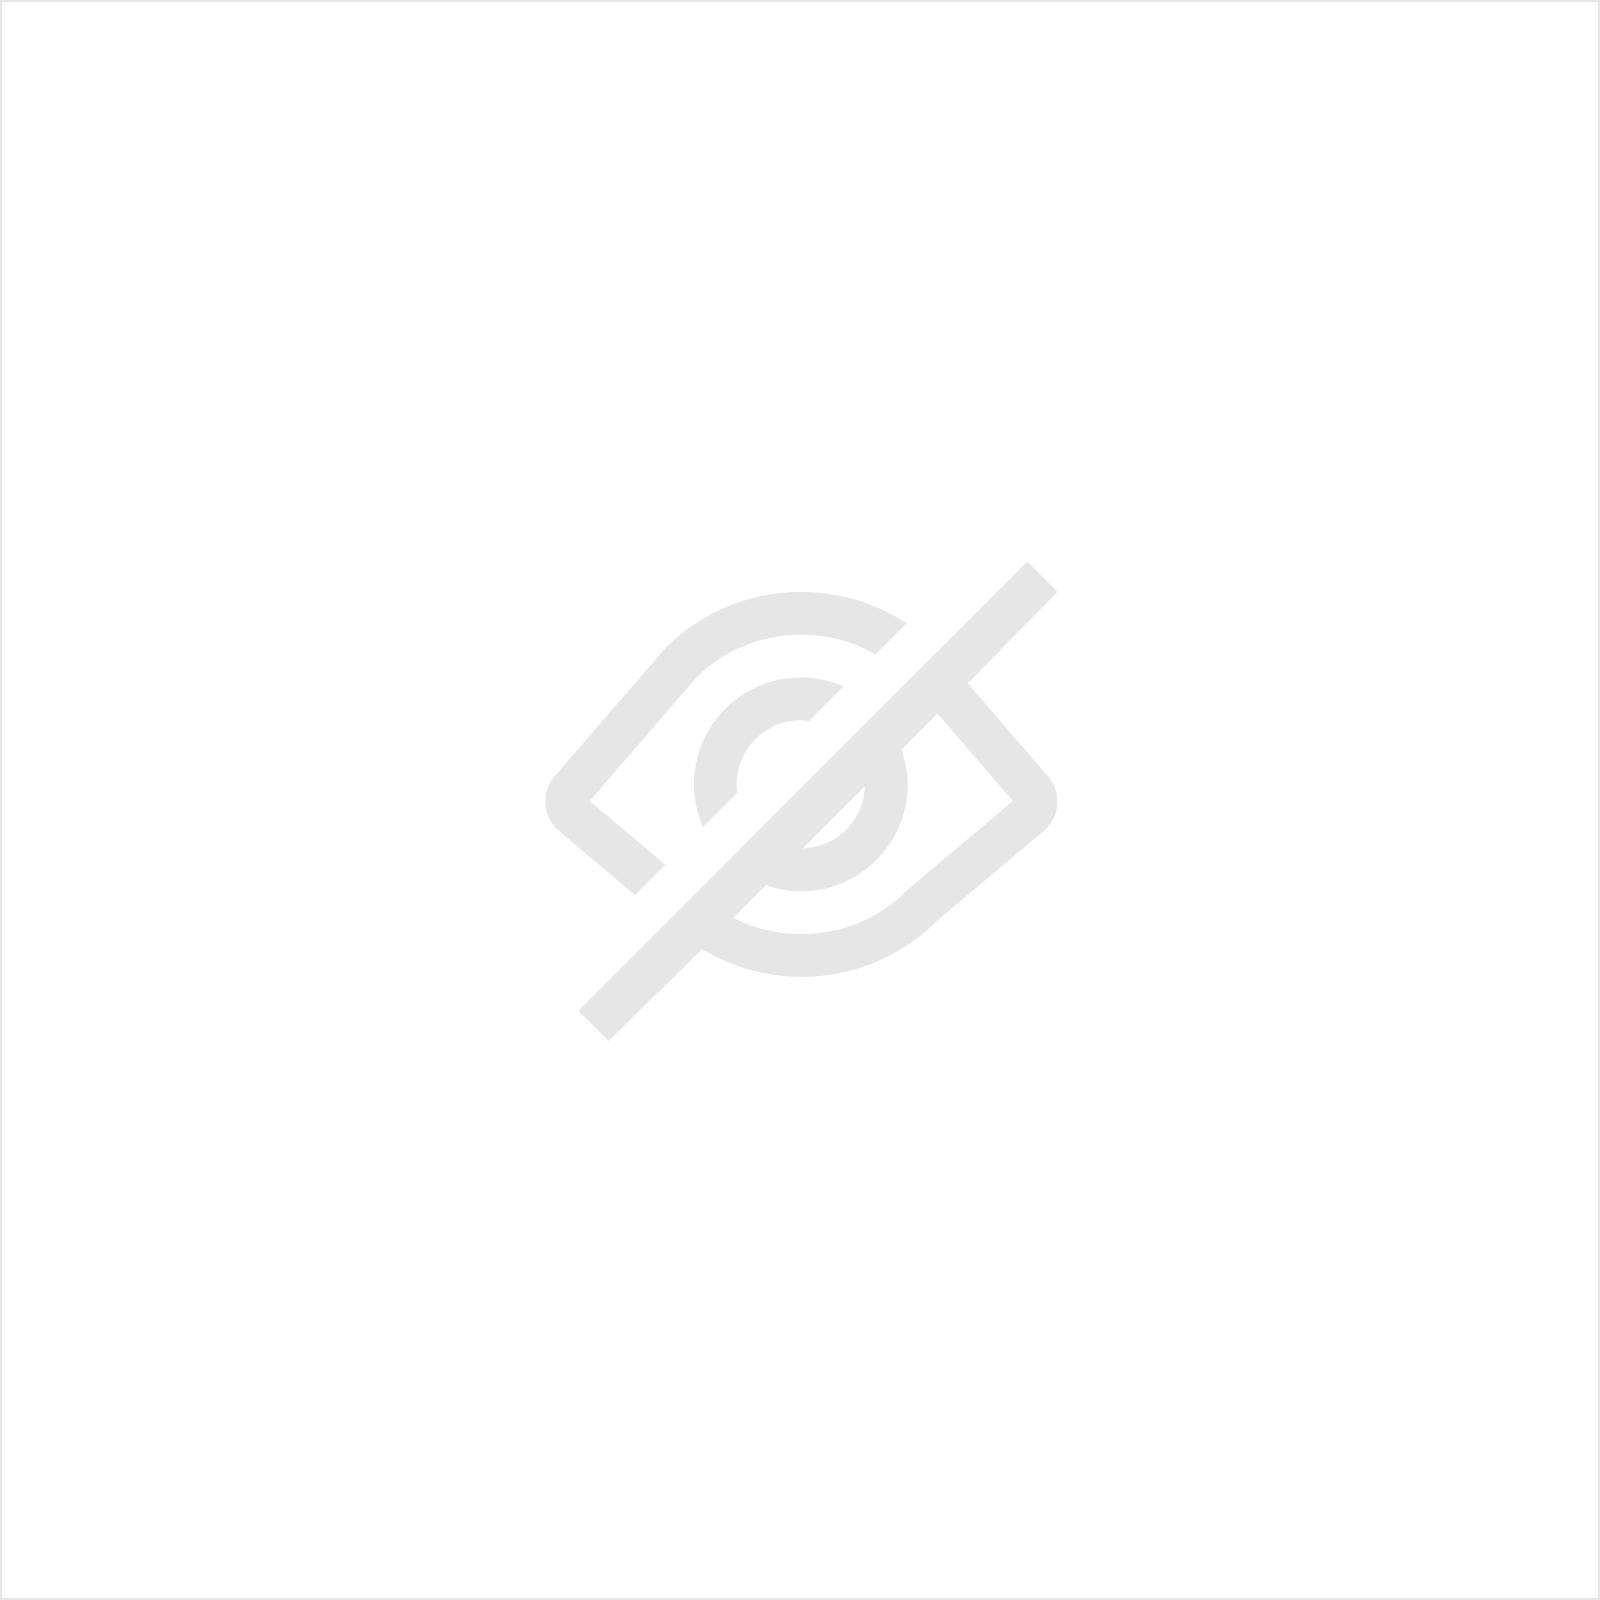 JEU DE MOLETTES OPTIONNELLES - FLAT BEAD ROLL 5/16 - POUR BORDEUSE MOULUREUSE